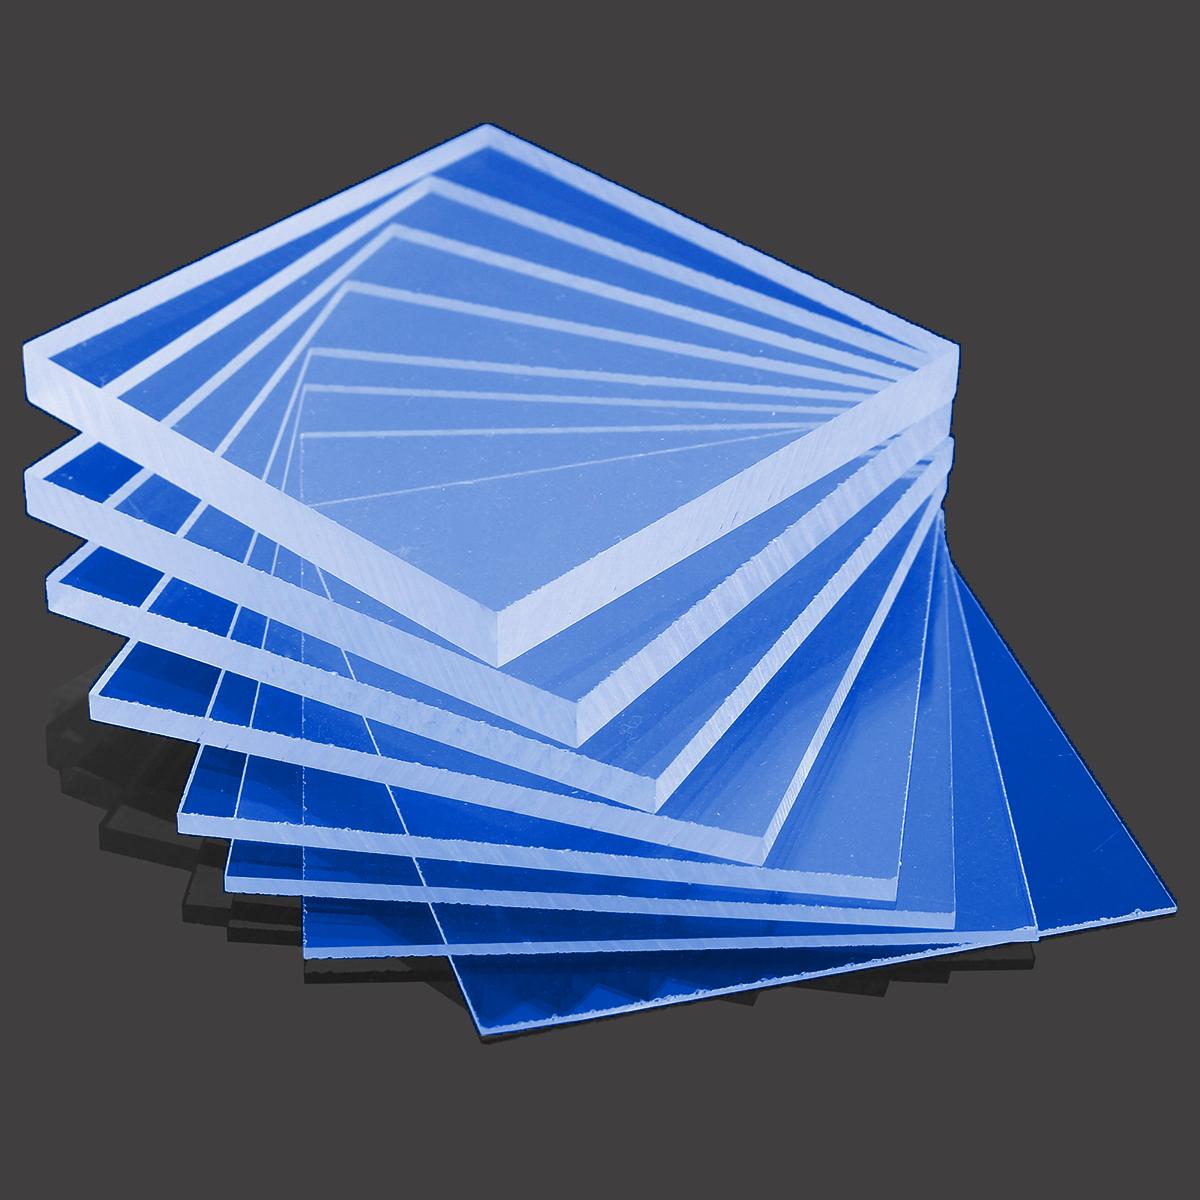 Blue cast acrylic